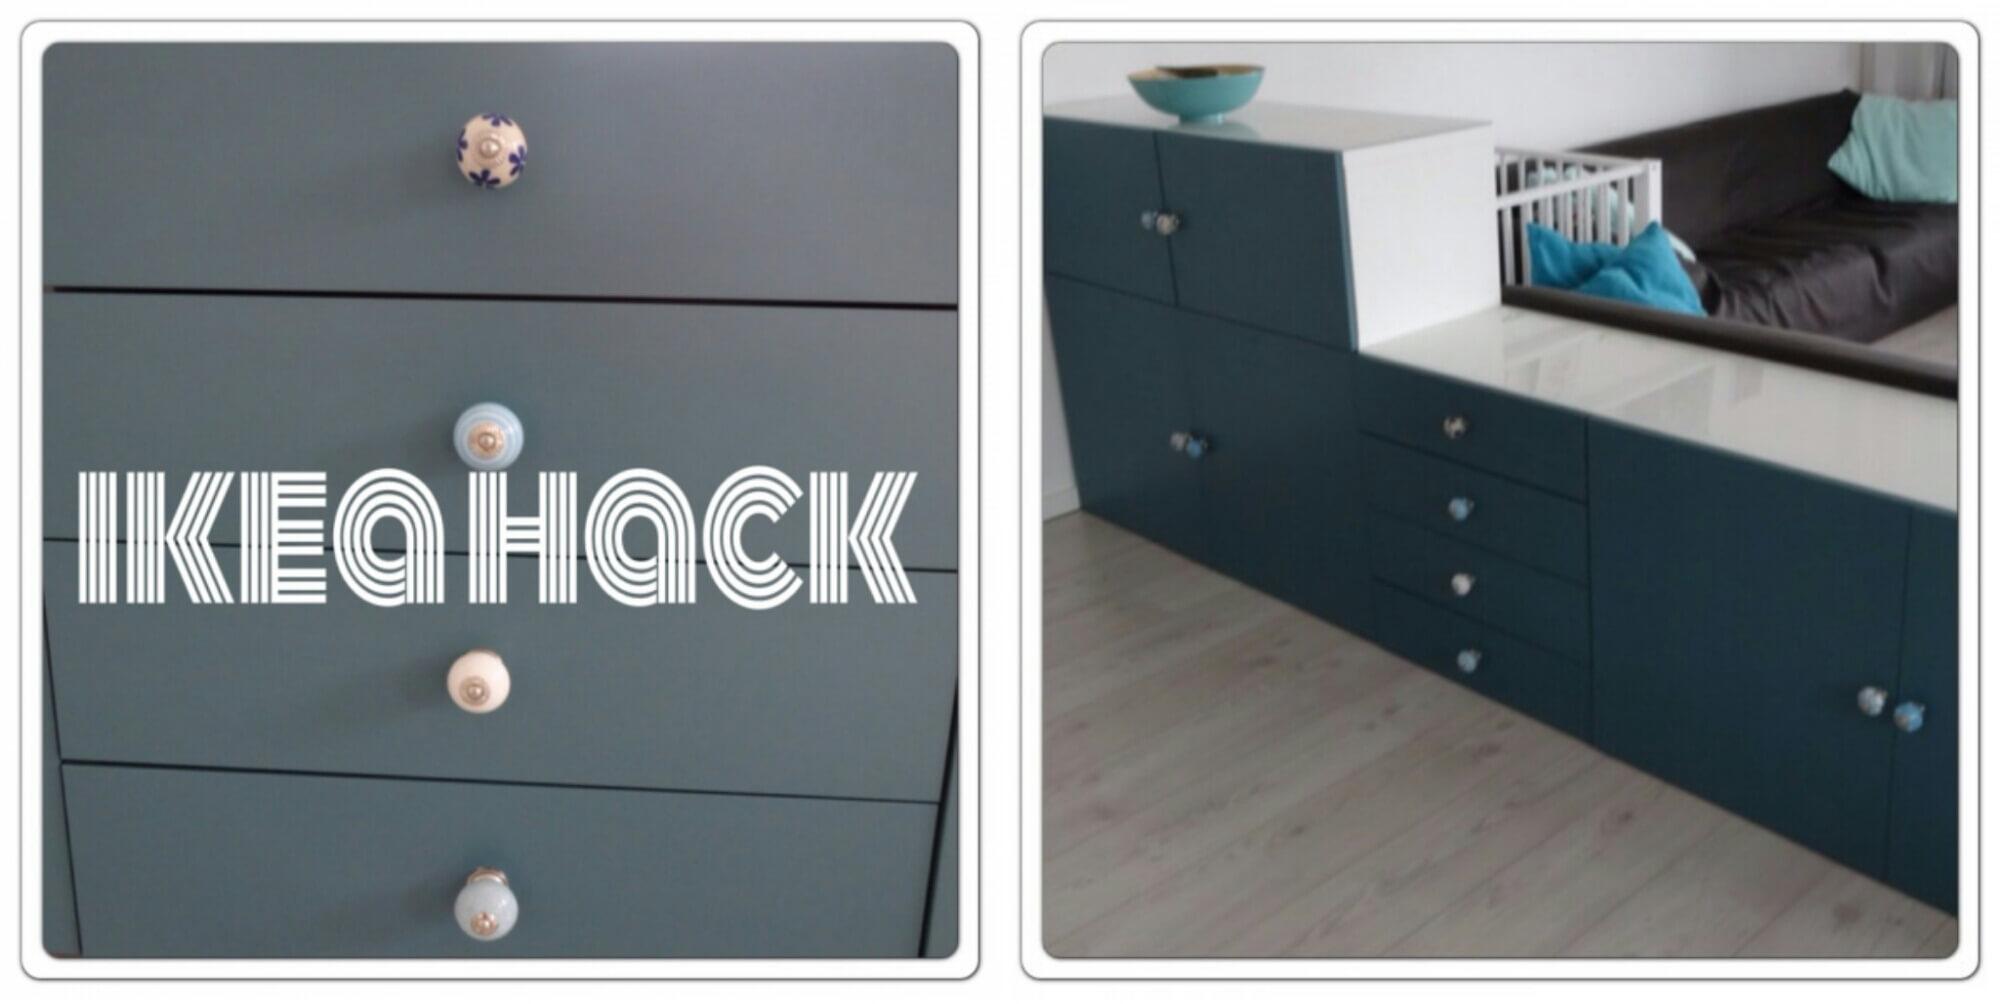 ikea hacks wastafel 143229 ontwerp inspiratie voor de badkamer en de kamer inrichting. Black Bedroom Furniture Sets. Home Design Ideas